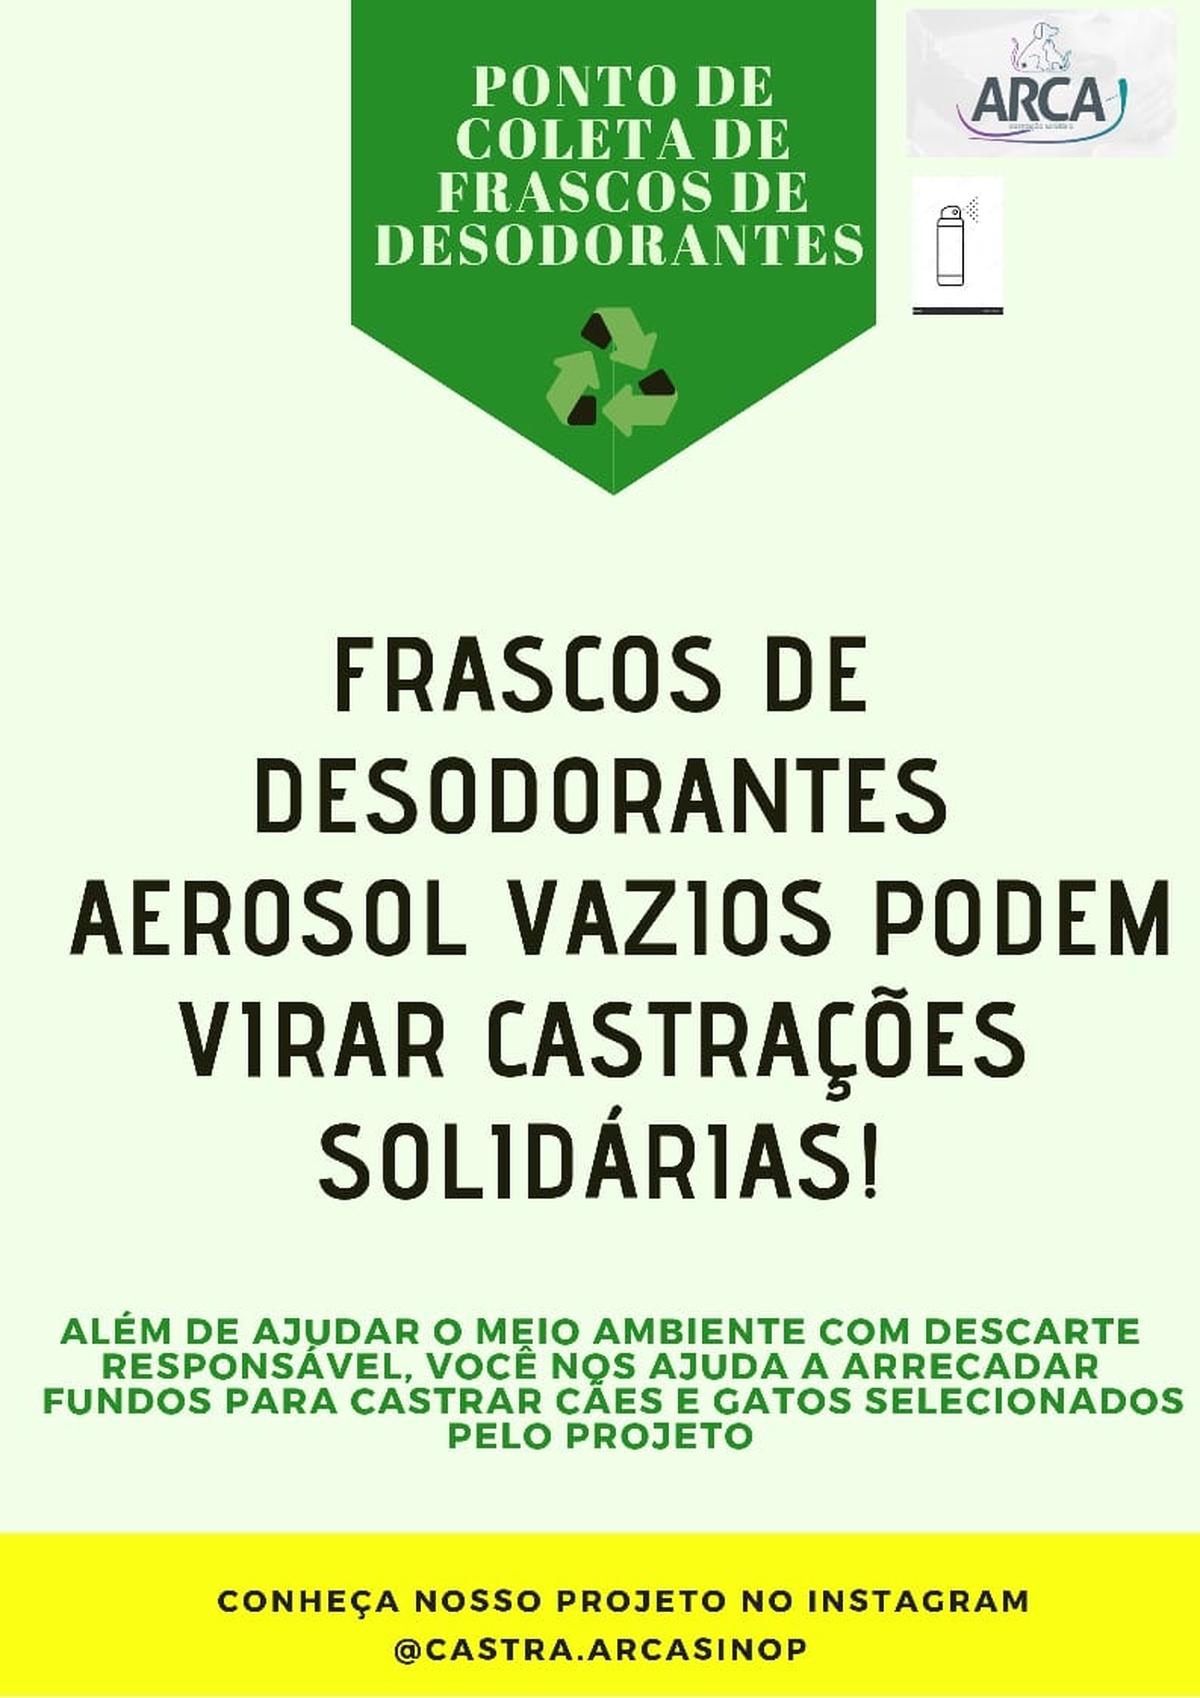 FRASCOS DE DESODORANTES - PROJETO ARCA